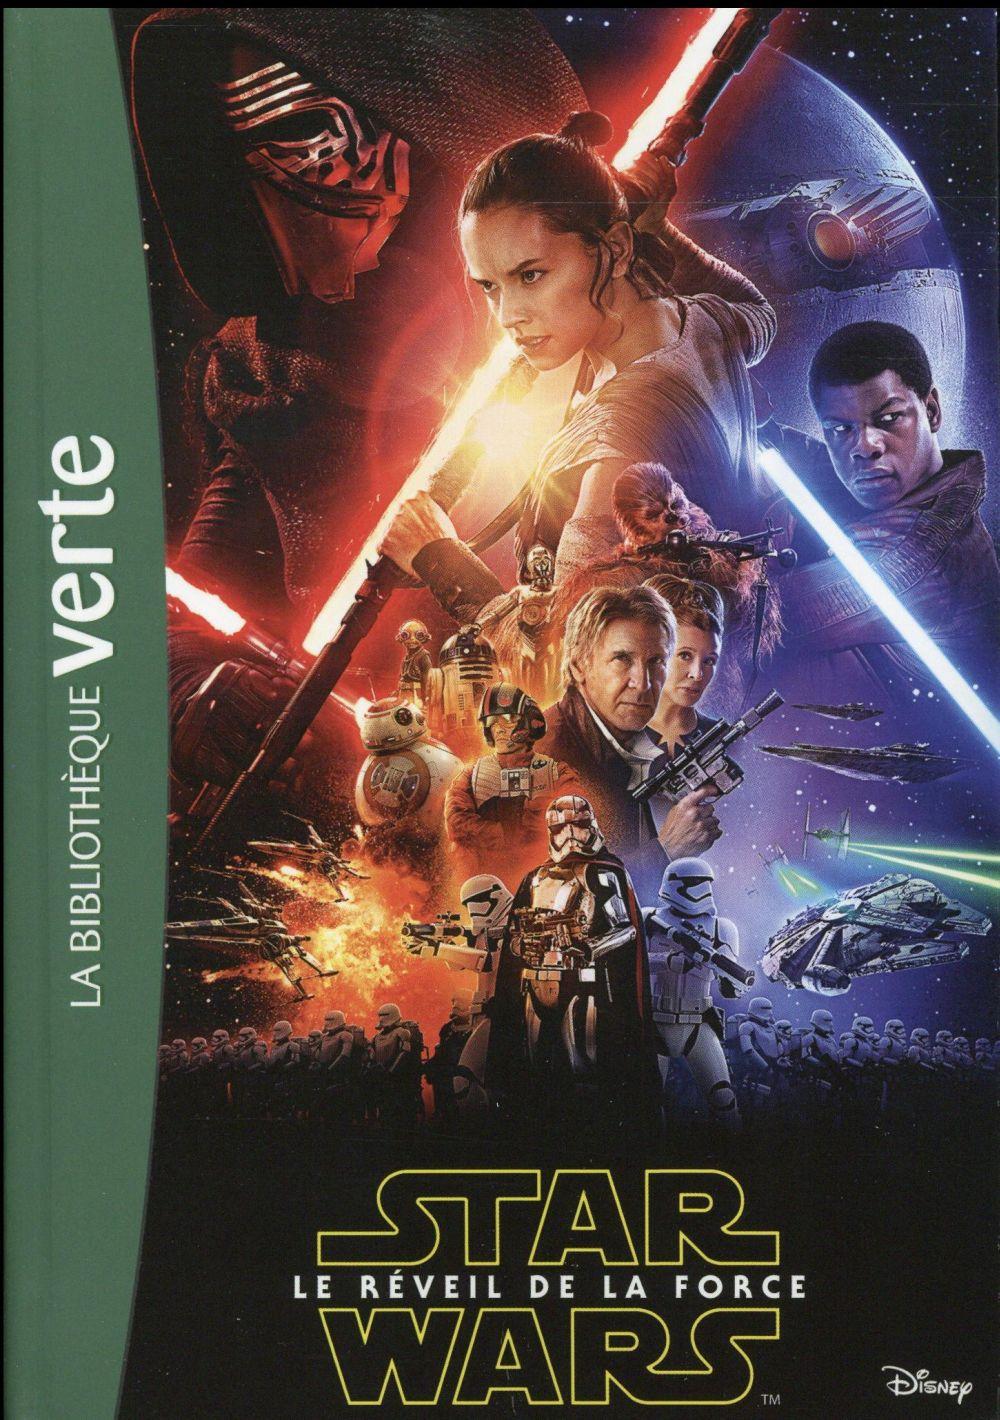 STAR WARS - EPISODE VII - LE ROMAN DU FILM - LE REVEIL DE LA FORCE Kogge Michael Hachette Jeunesse